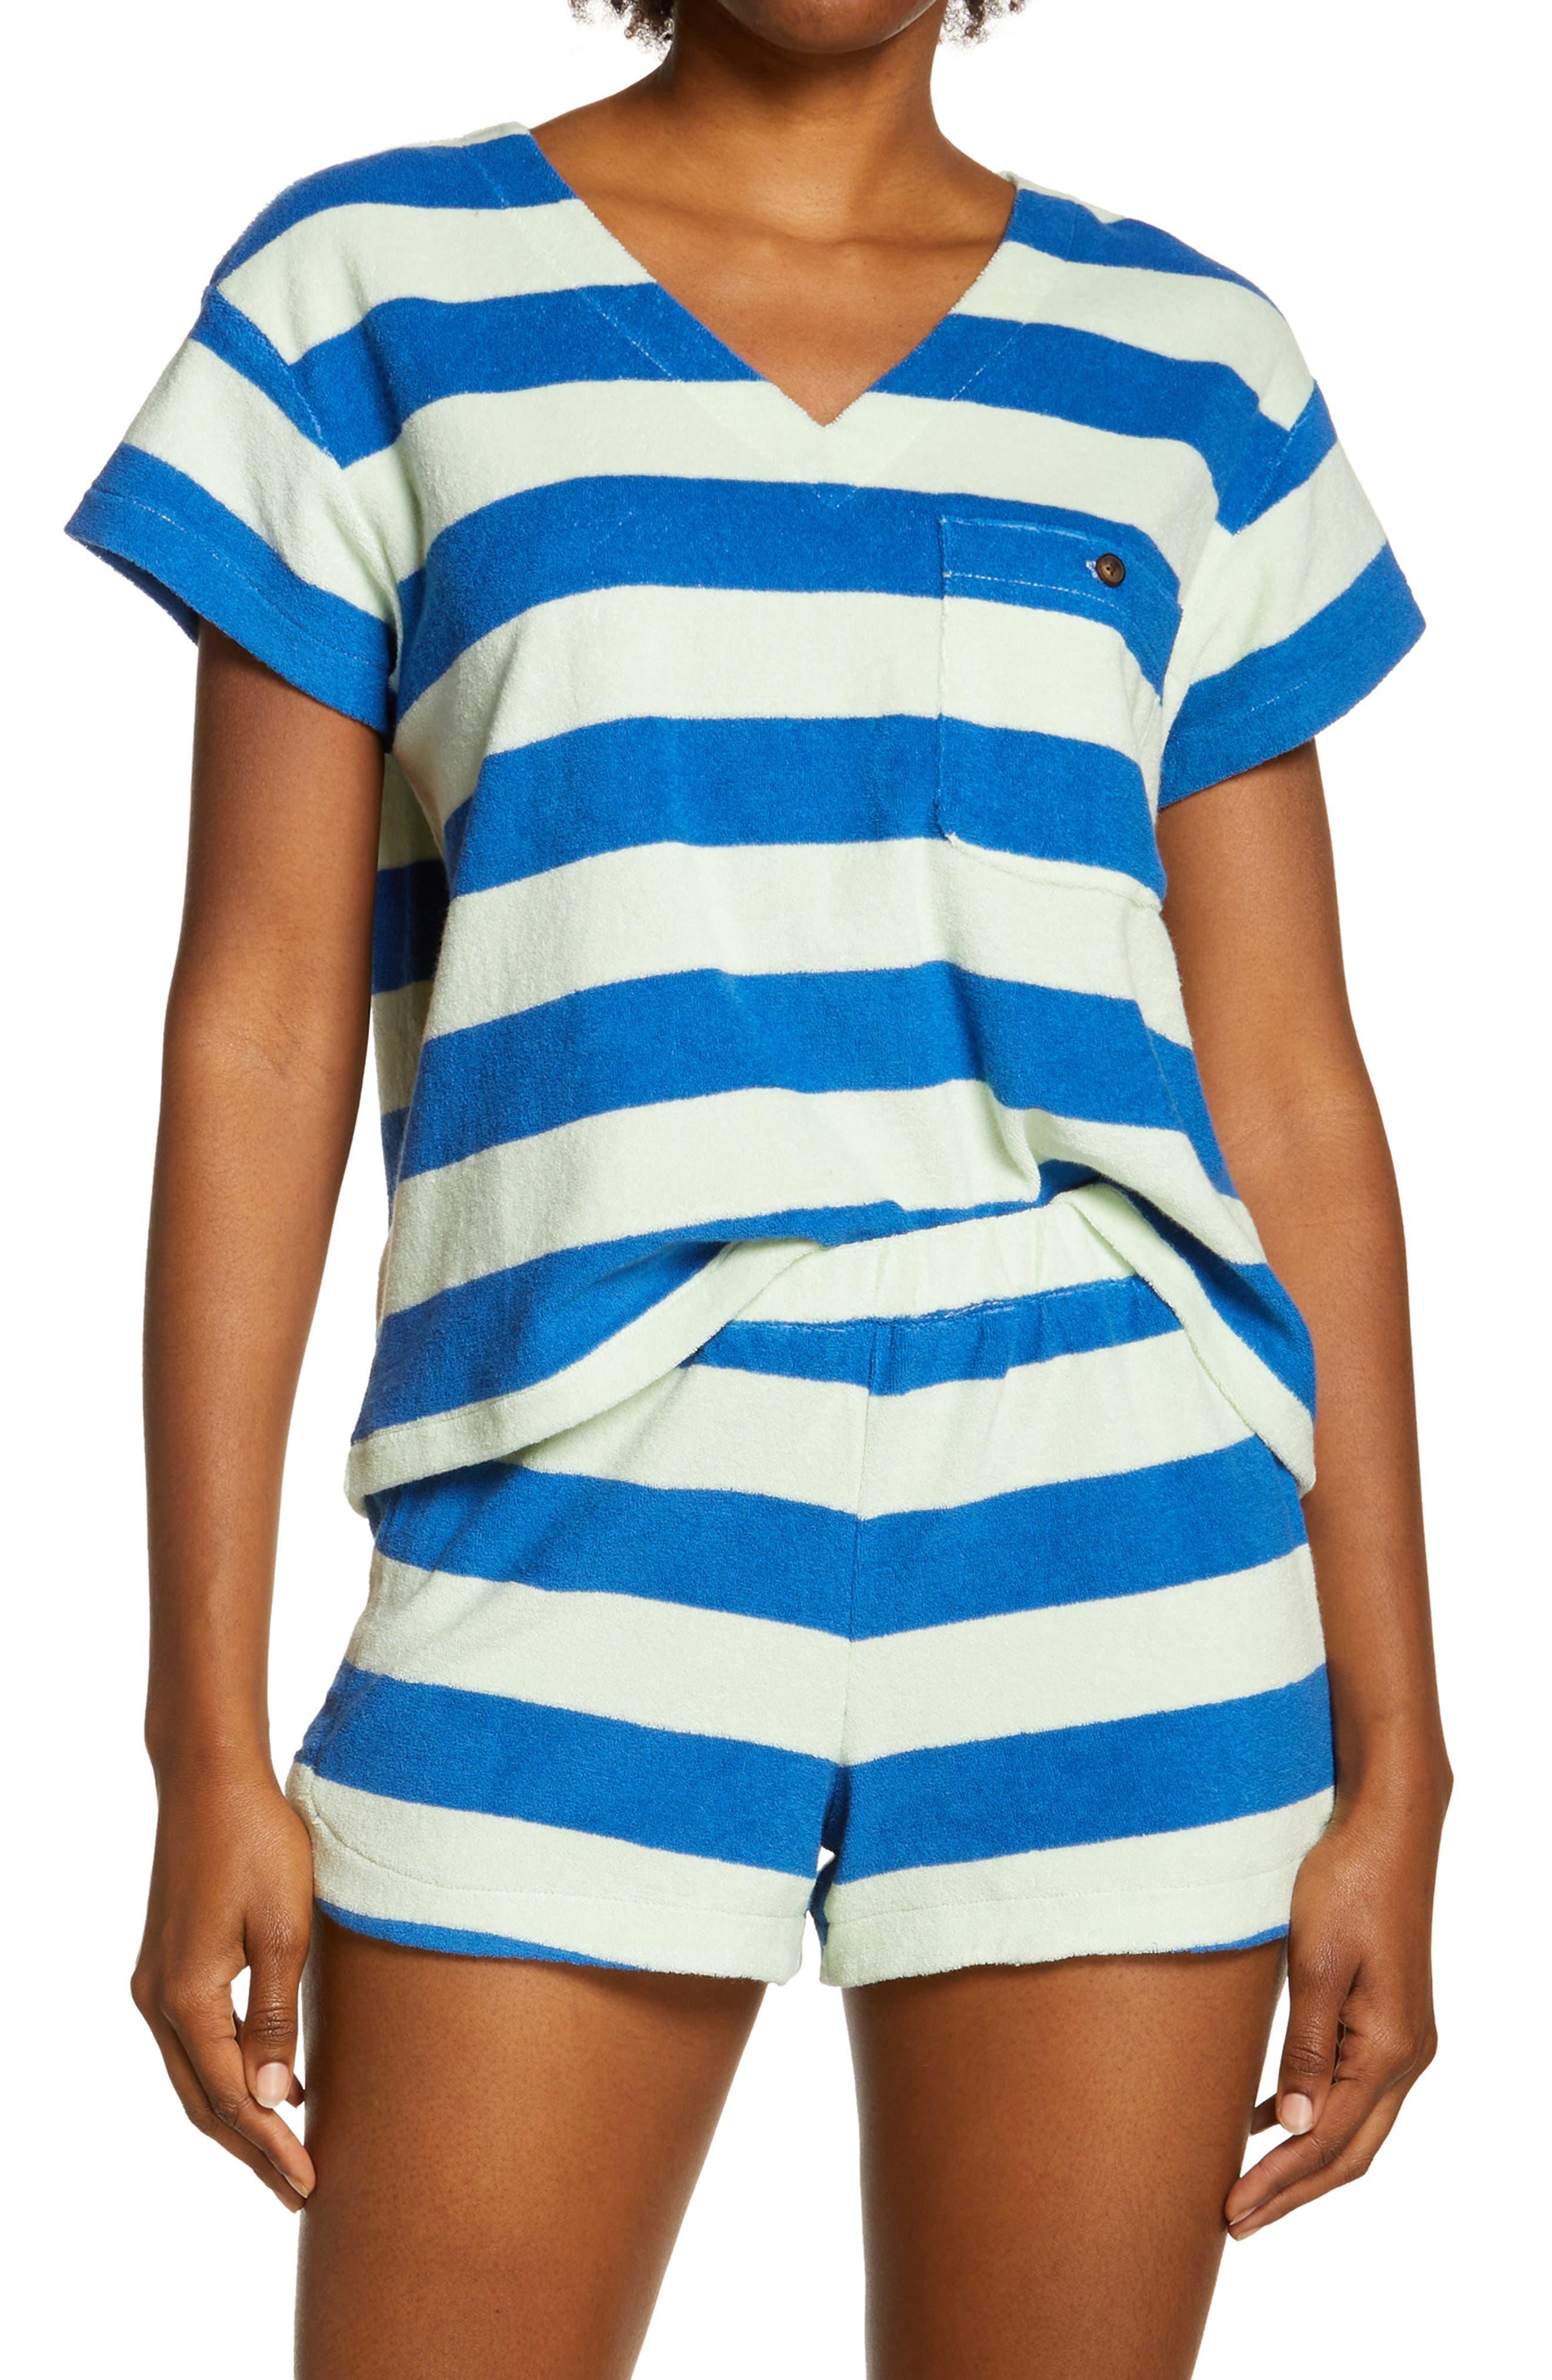 Terry Cloth V-Neck Pocket Top